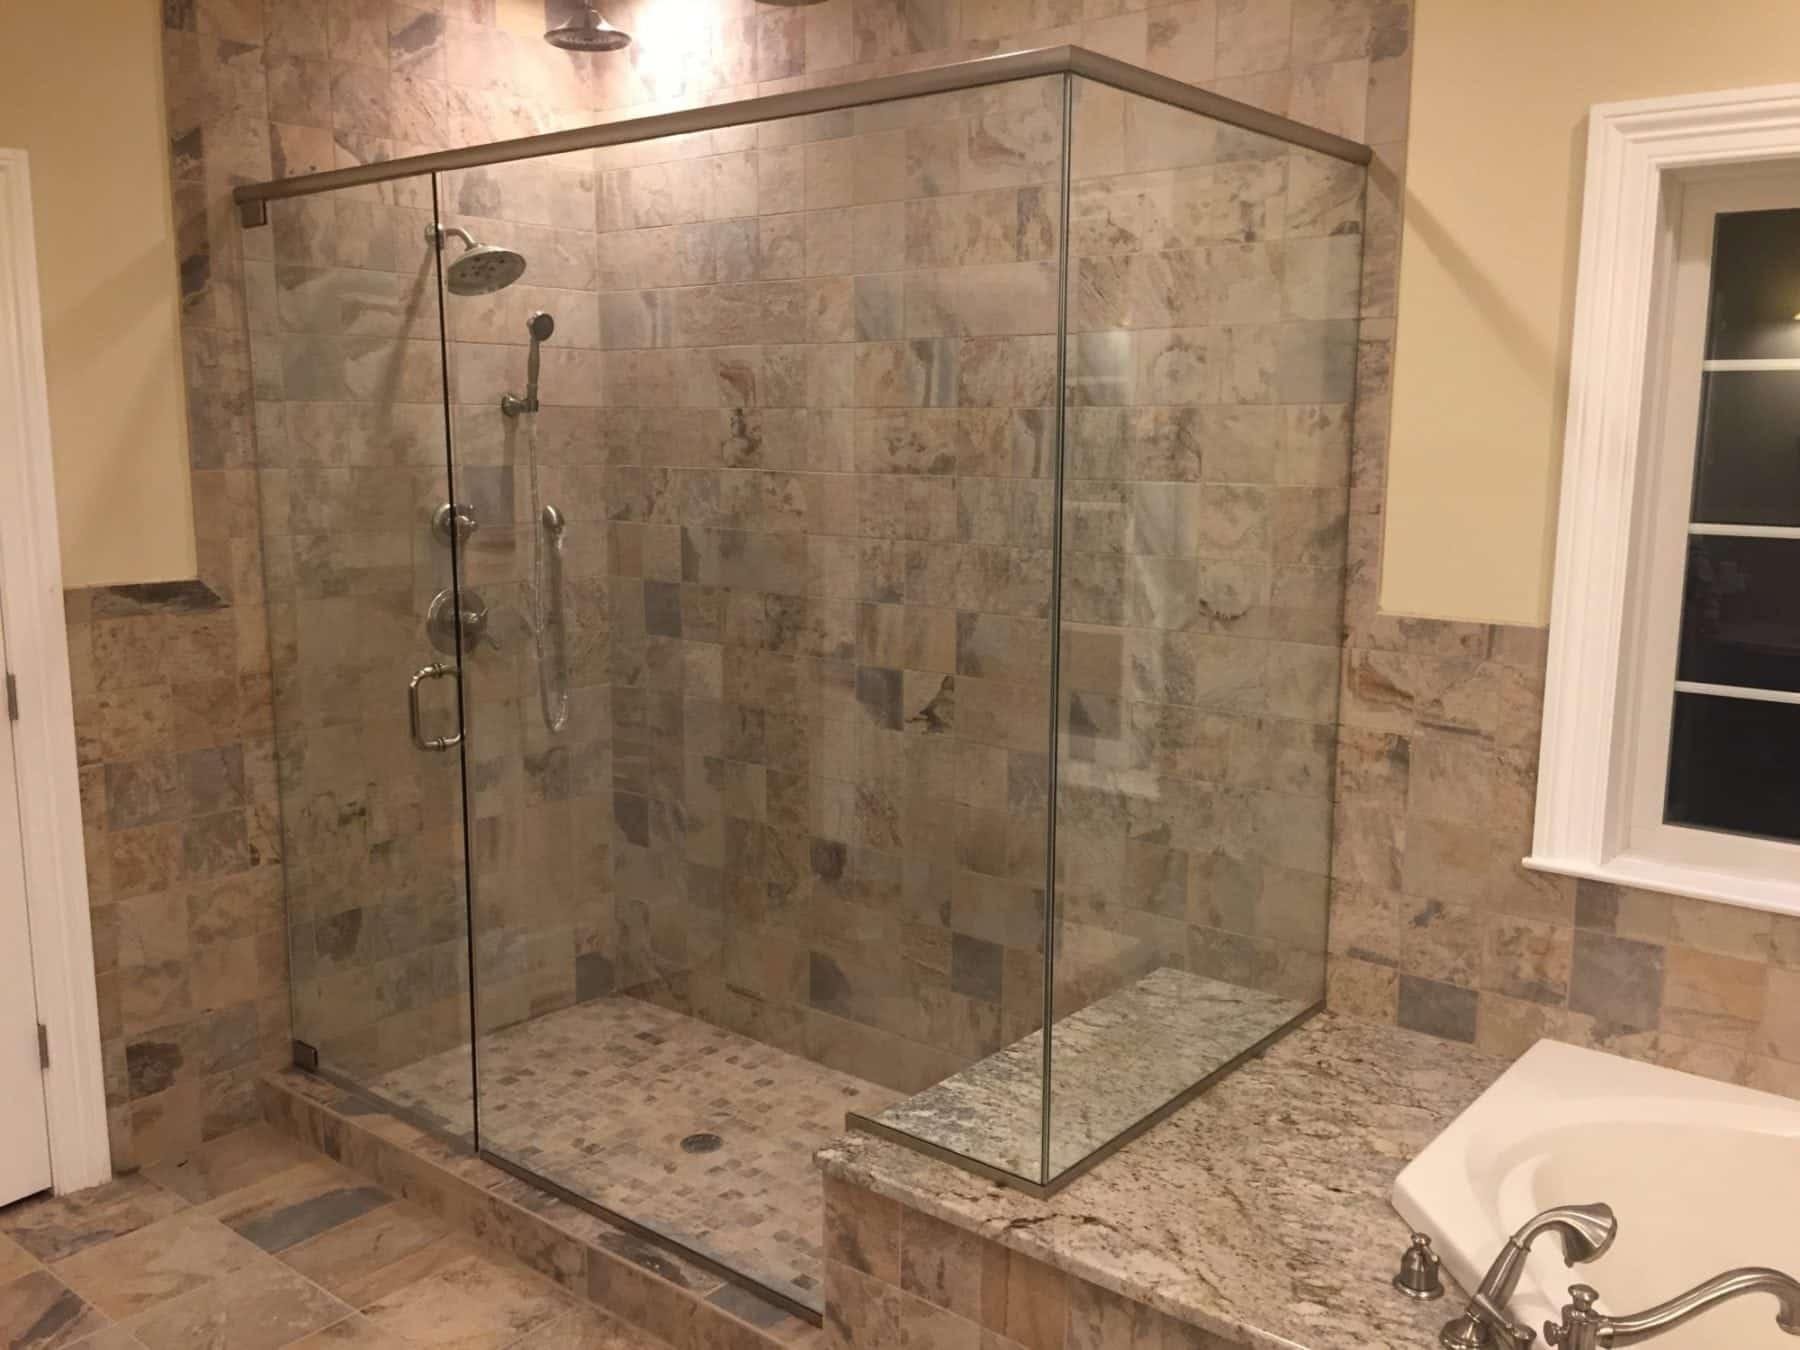 Frameless Shower Corner Enclosure With Header Notched For Tub Deck